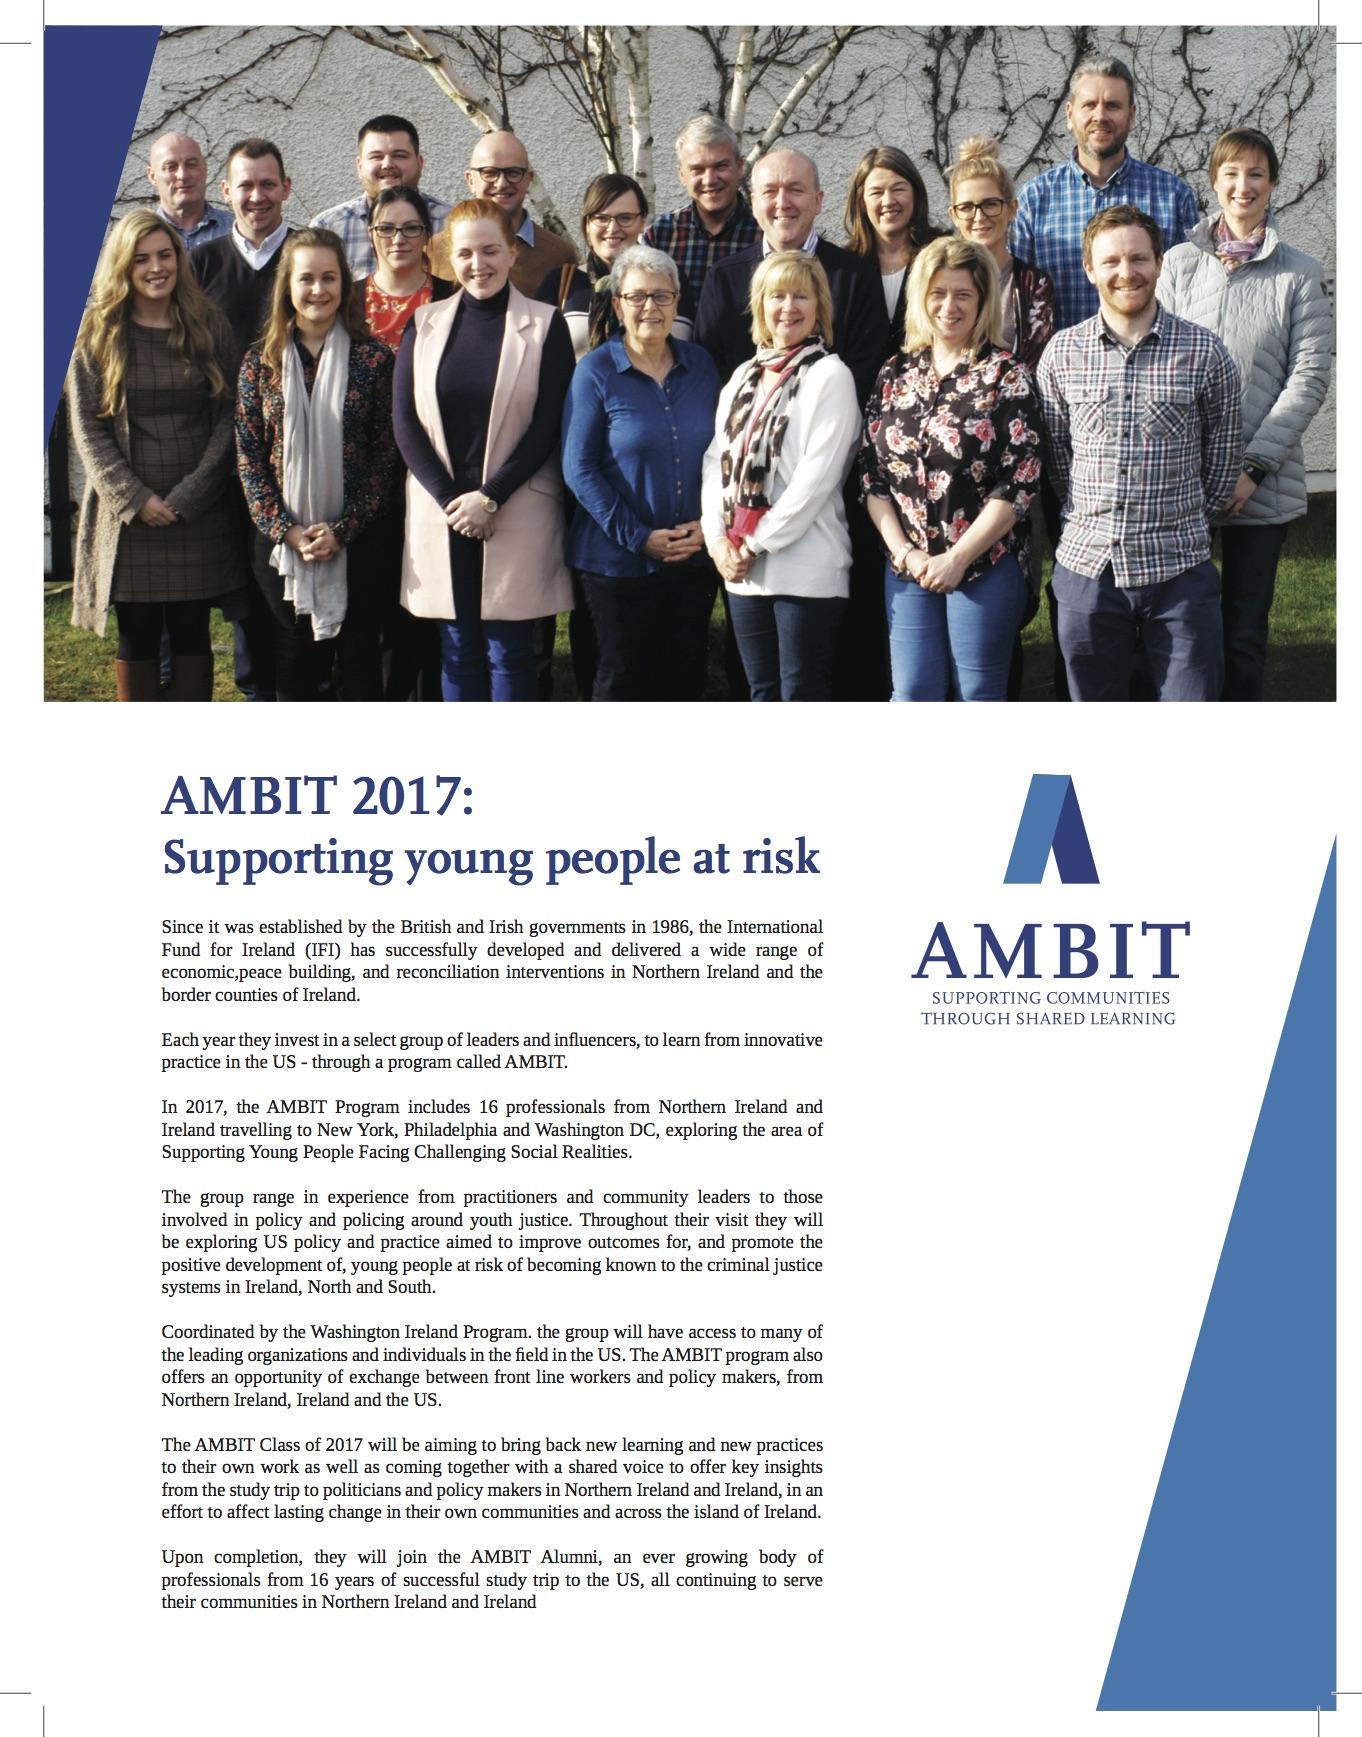 AMBIT 2017 Bios 3